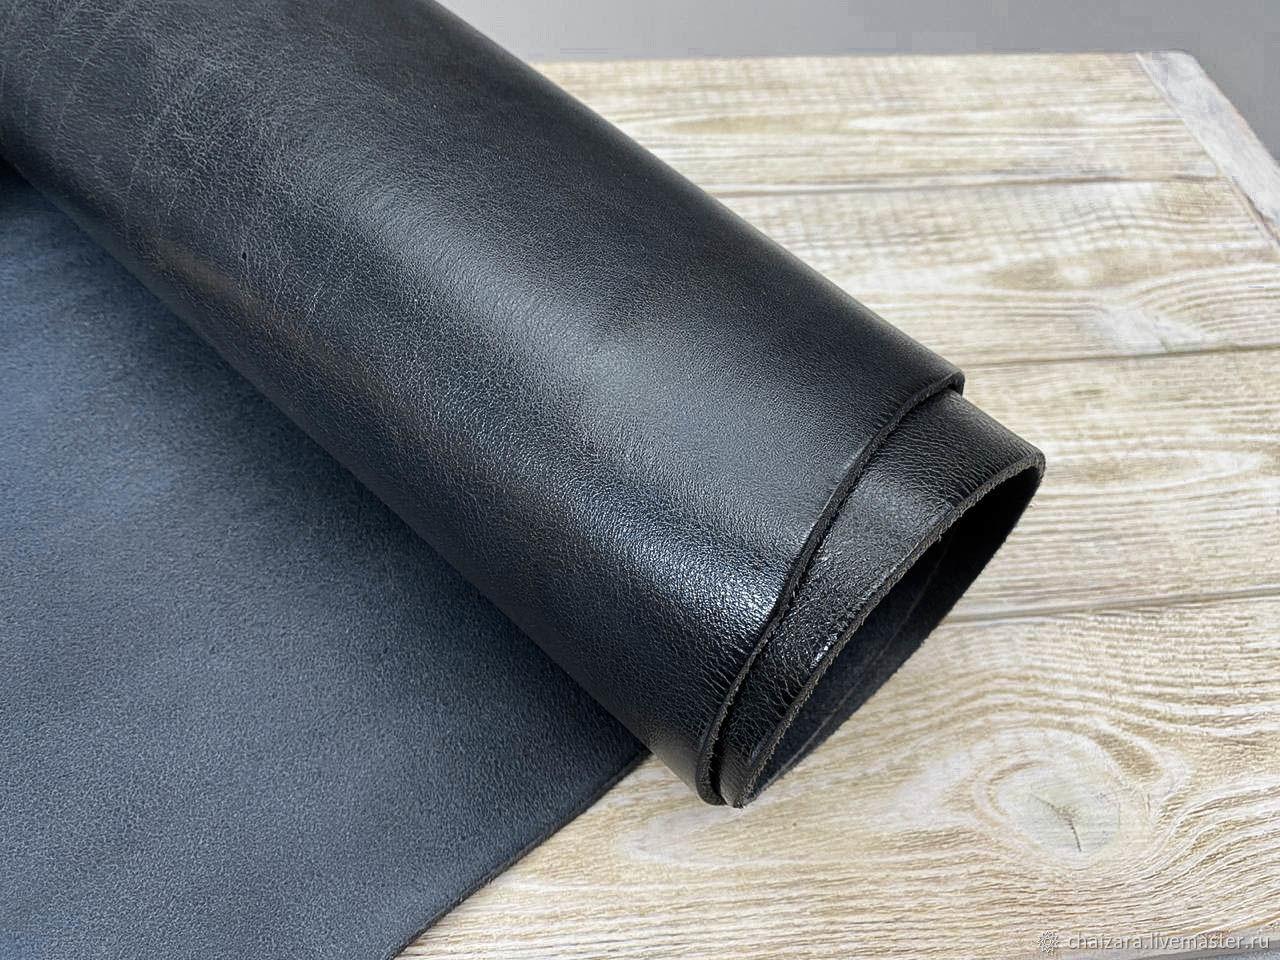 Ременная кожа 3.4-3.6 мм New Palaia Grey Jeans, Кожа, Оренбург,  Фото №1